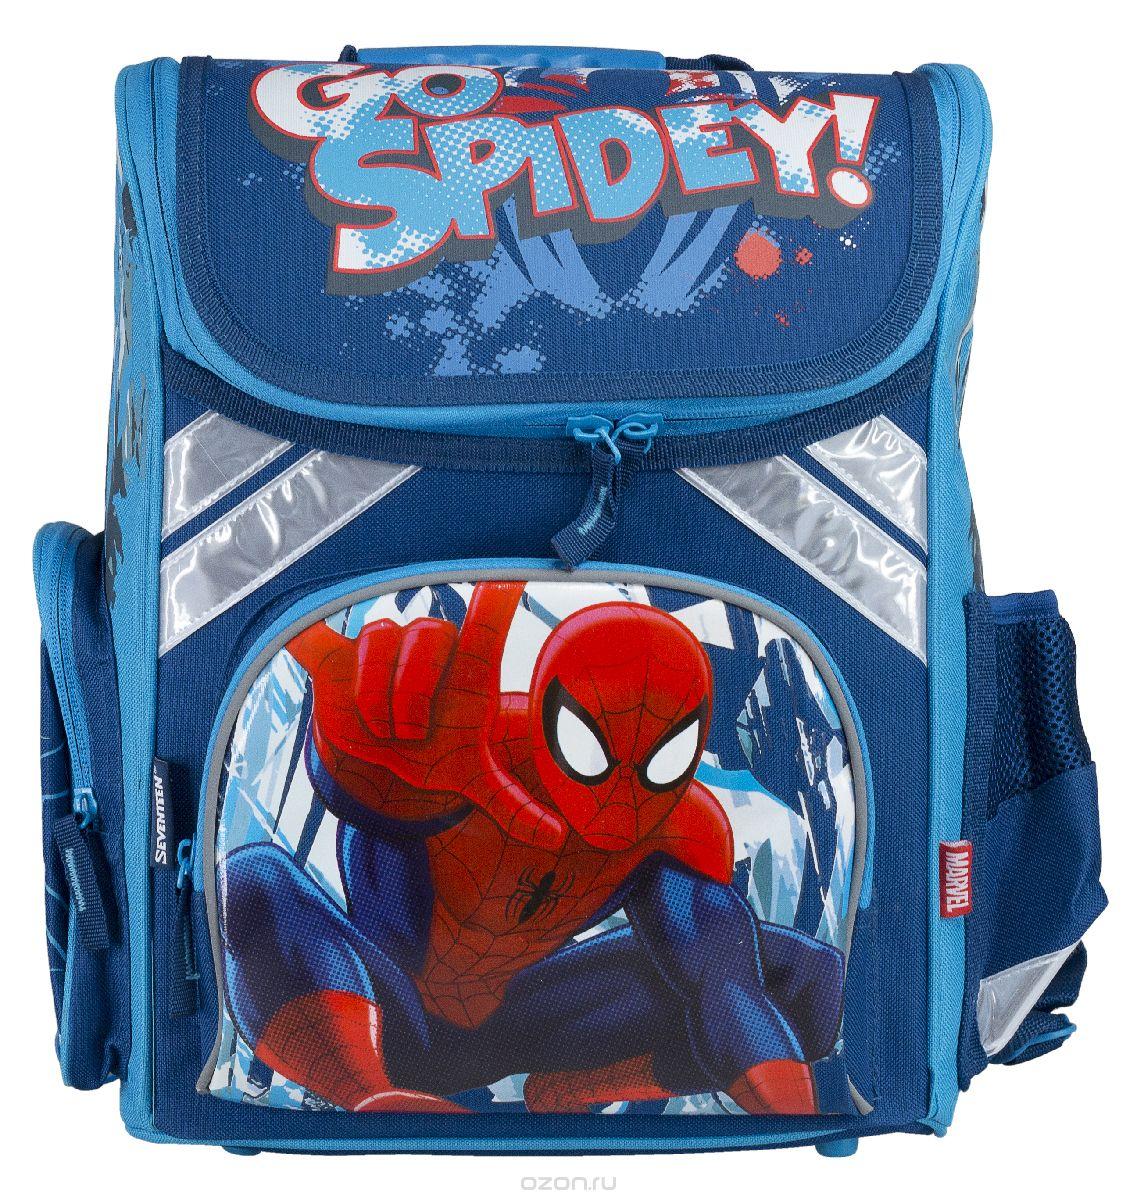 Ранец школьный Kinderline Spider-man Classic, цвет: синий, белый, красныйSMCB-MT1-113Ранец школьный Kinderline Spider-man Classic выполнен из современного легкого и прочного материала синего цвета с яркой аппликацией. Ранец имеет одно основное отделение, закрывающееся на молнию с двумя бегунками. Внутри главного отделения расположен врезной карман на змейке и два разделителя с утягивающей резинкой, предназначенные для размещения предметов без сложения, размером до формата А4 включительно. На лицевой стороне ранца расположен накладной карман на молнии. По бокам ранца размещены два дополнительных накладных кармана, один на молнии, и один открытый. Ортопедическая спинка, созданная по специальной технологии из дышащего материала, равномерно распределяет нагрузку на плечевые суставы и спину. Удлиненные держатели облегчают фиксацию длины ремней с мягкими подкладками. Ранец оснащен удобной ручкой для переноски и двумя широкими лямками, регулируемой длины. Дно ранца дополнено пластиковыми ножками. Многофункциональный школьный ранец станет...